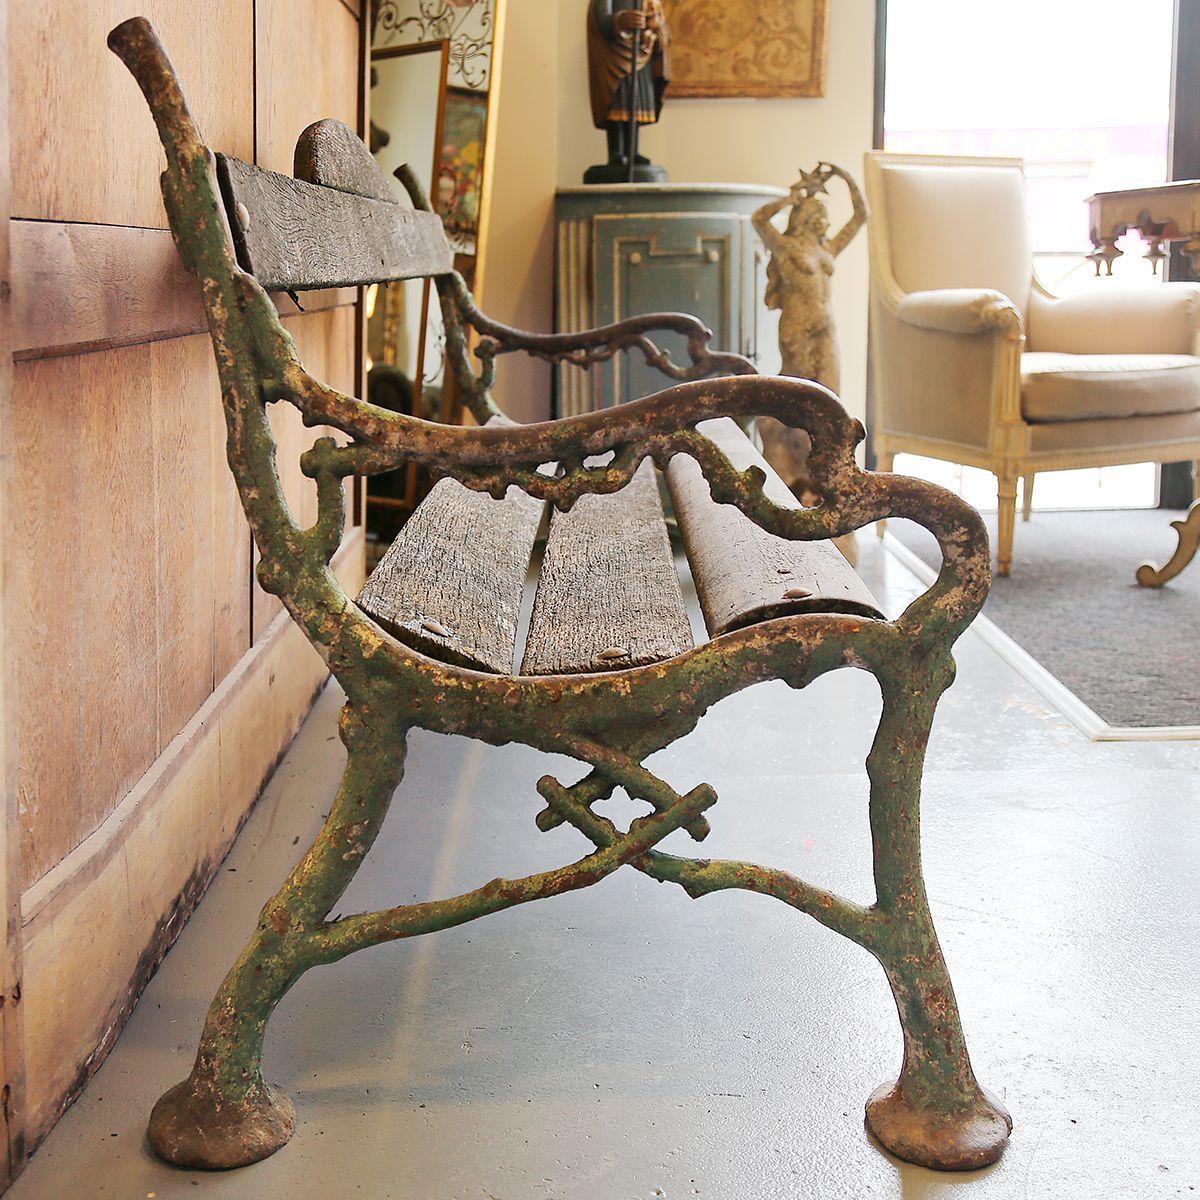 Banc De Parc Xix Fonte Et Bois Denis Masfrand Www Antiquitesenprovence Com Mobilier De Salon Bancs De Parc Bois